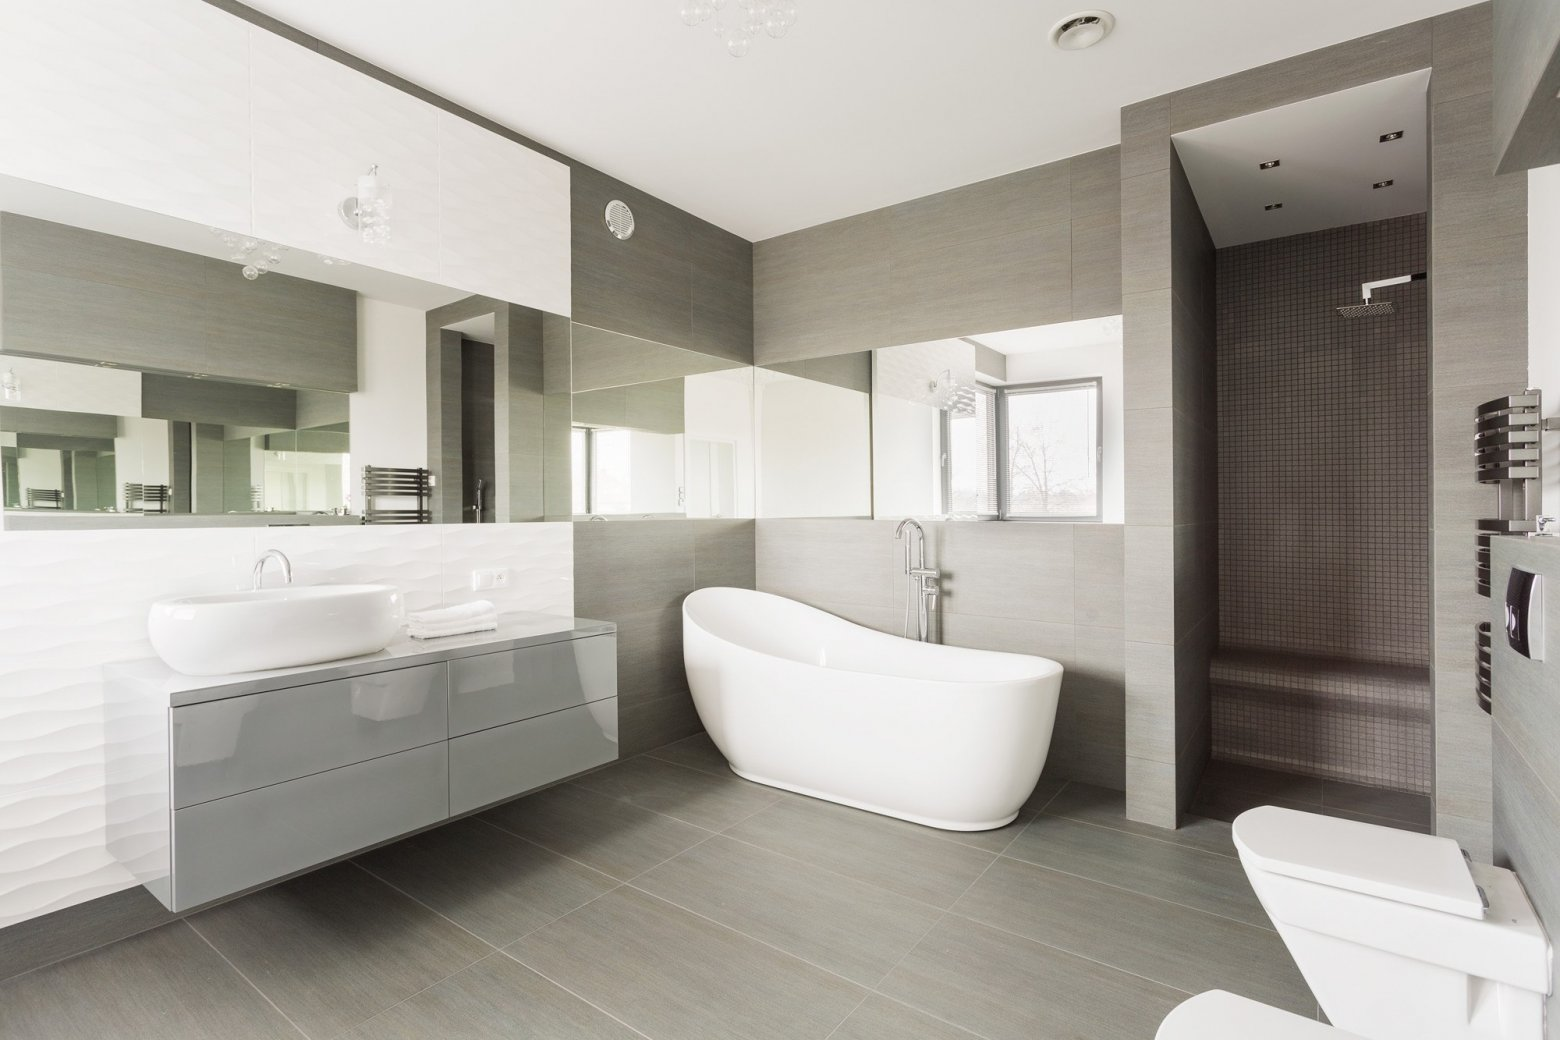 Badkamer Renovatie Limburg : Badkamerrenovaties van calster: voor en na